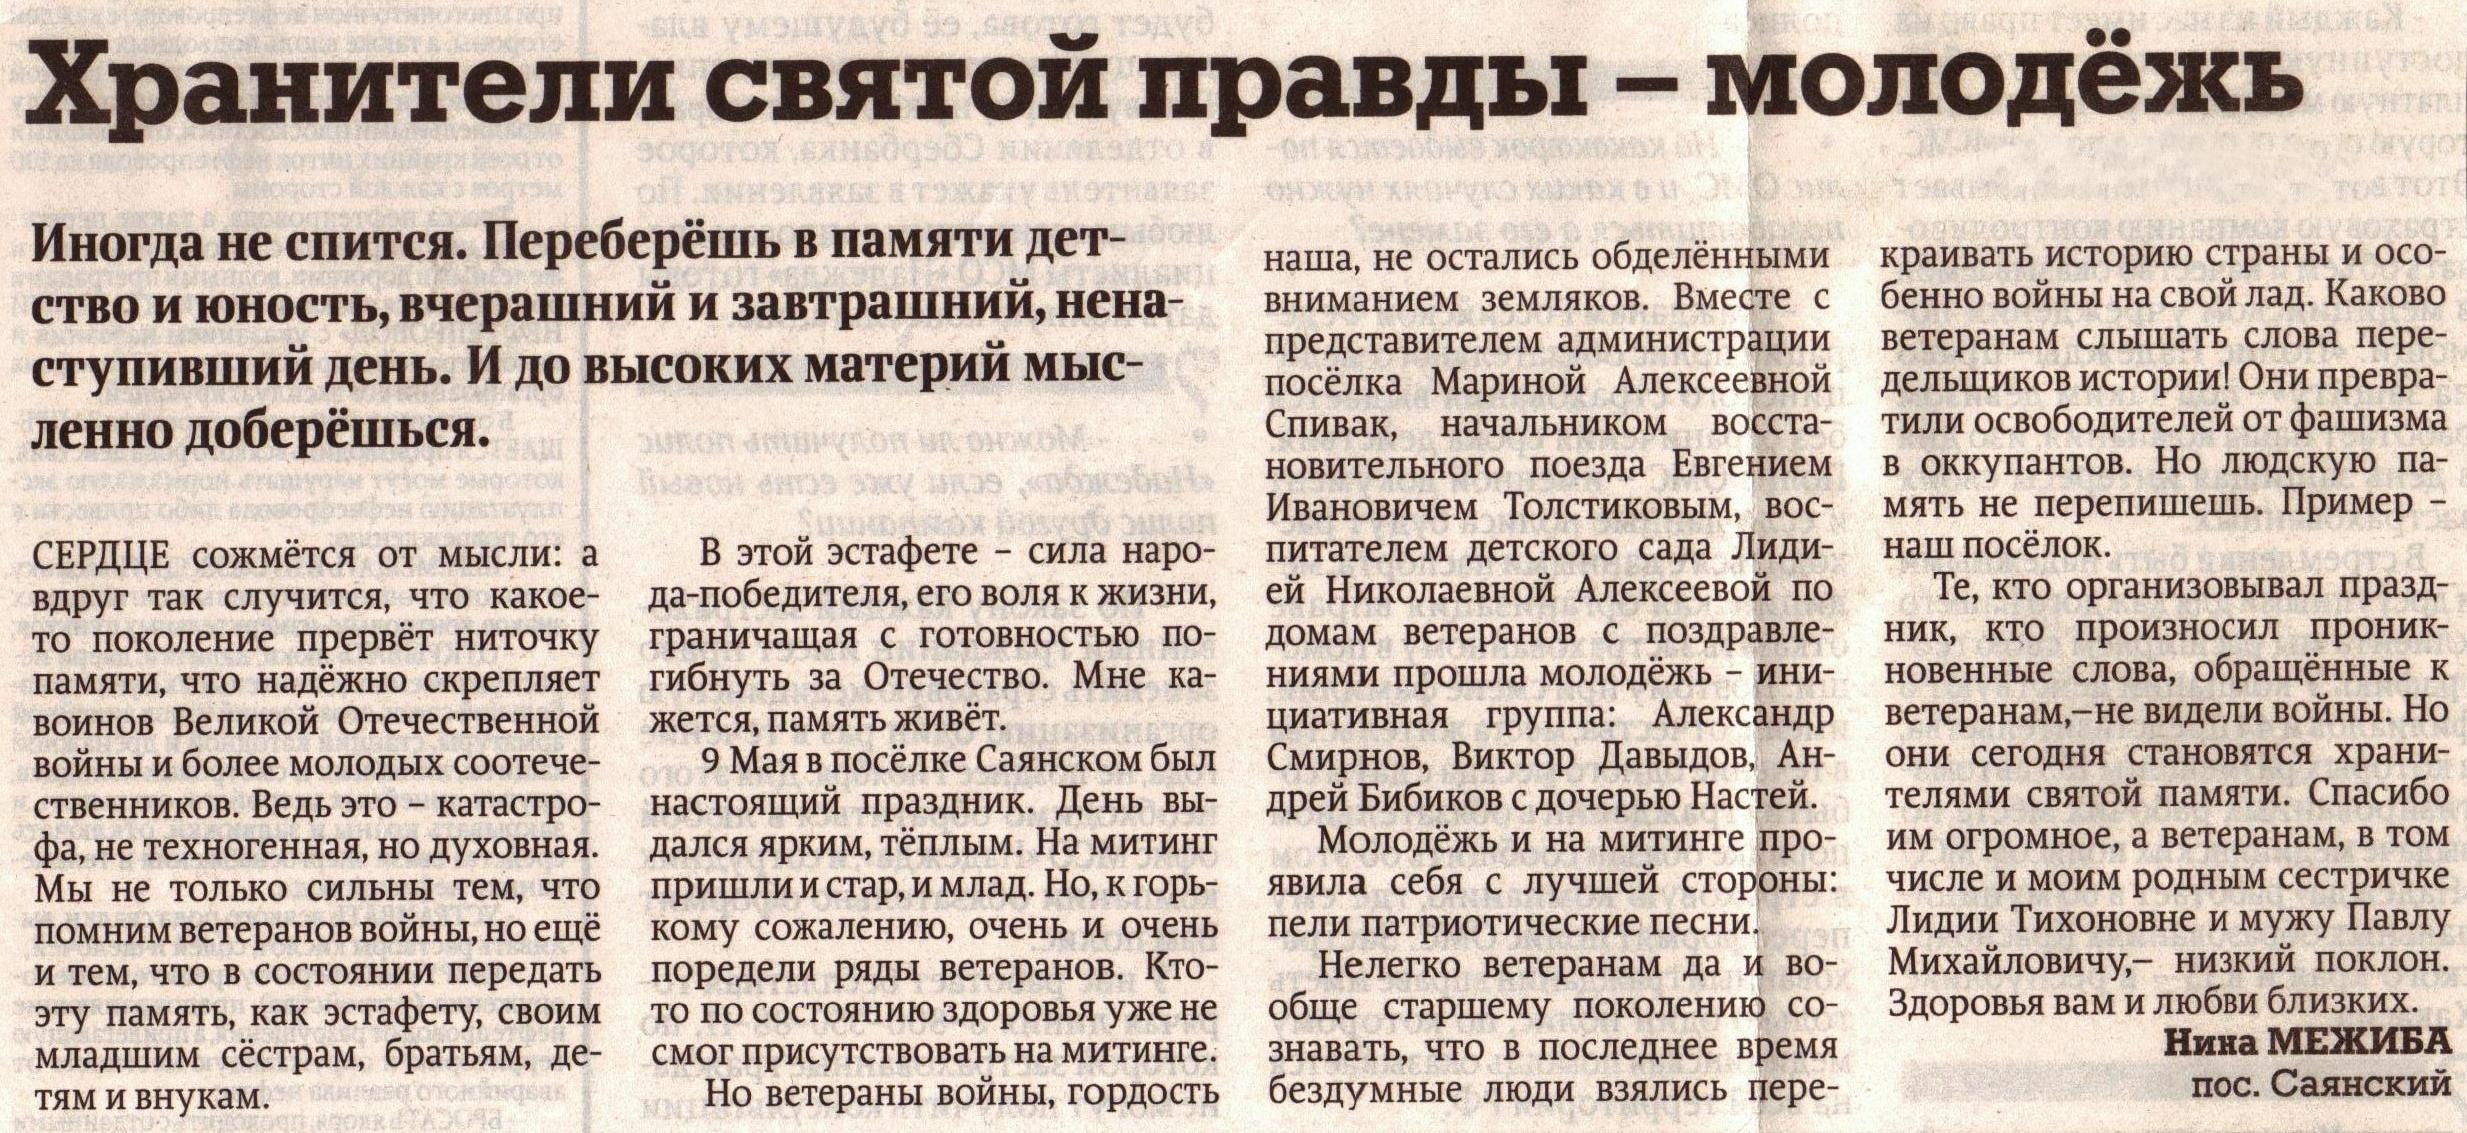 """Статья из газеты """"Голос времени"""" за 2014 год"""